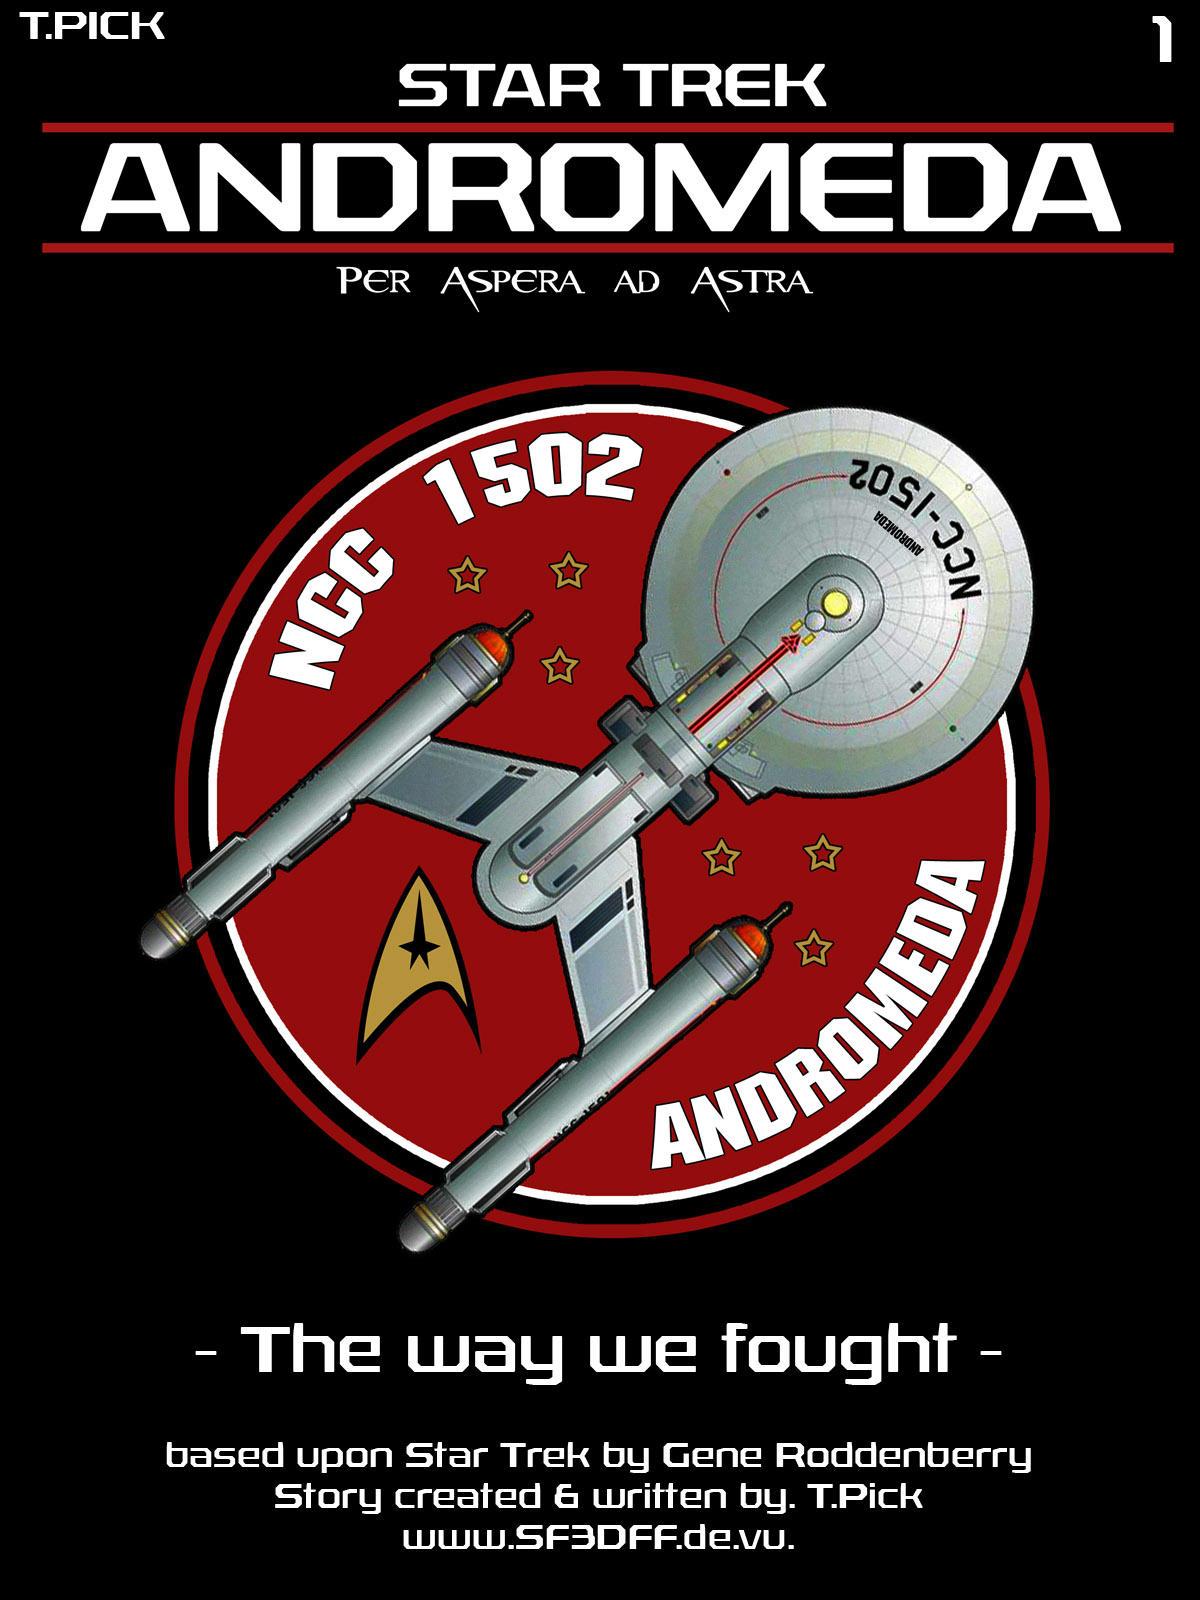 Star Trek: Andromeda 1 by Joran-Belar